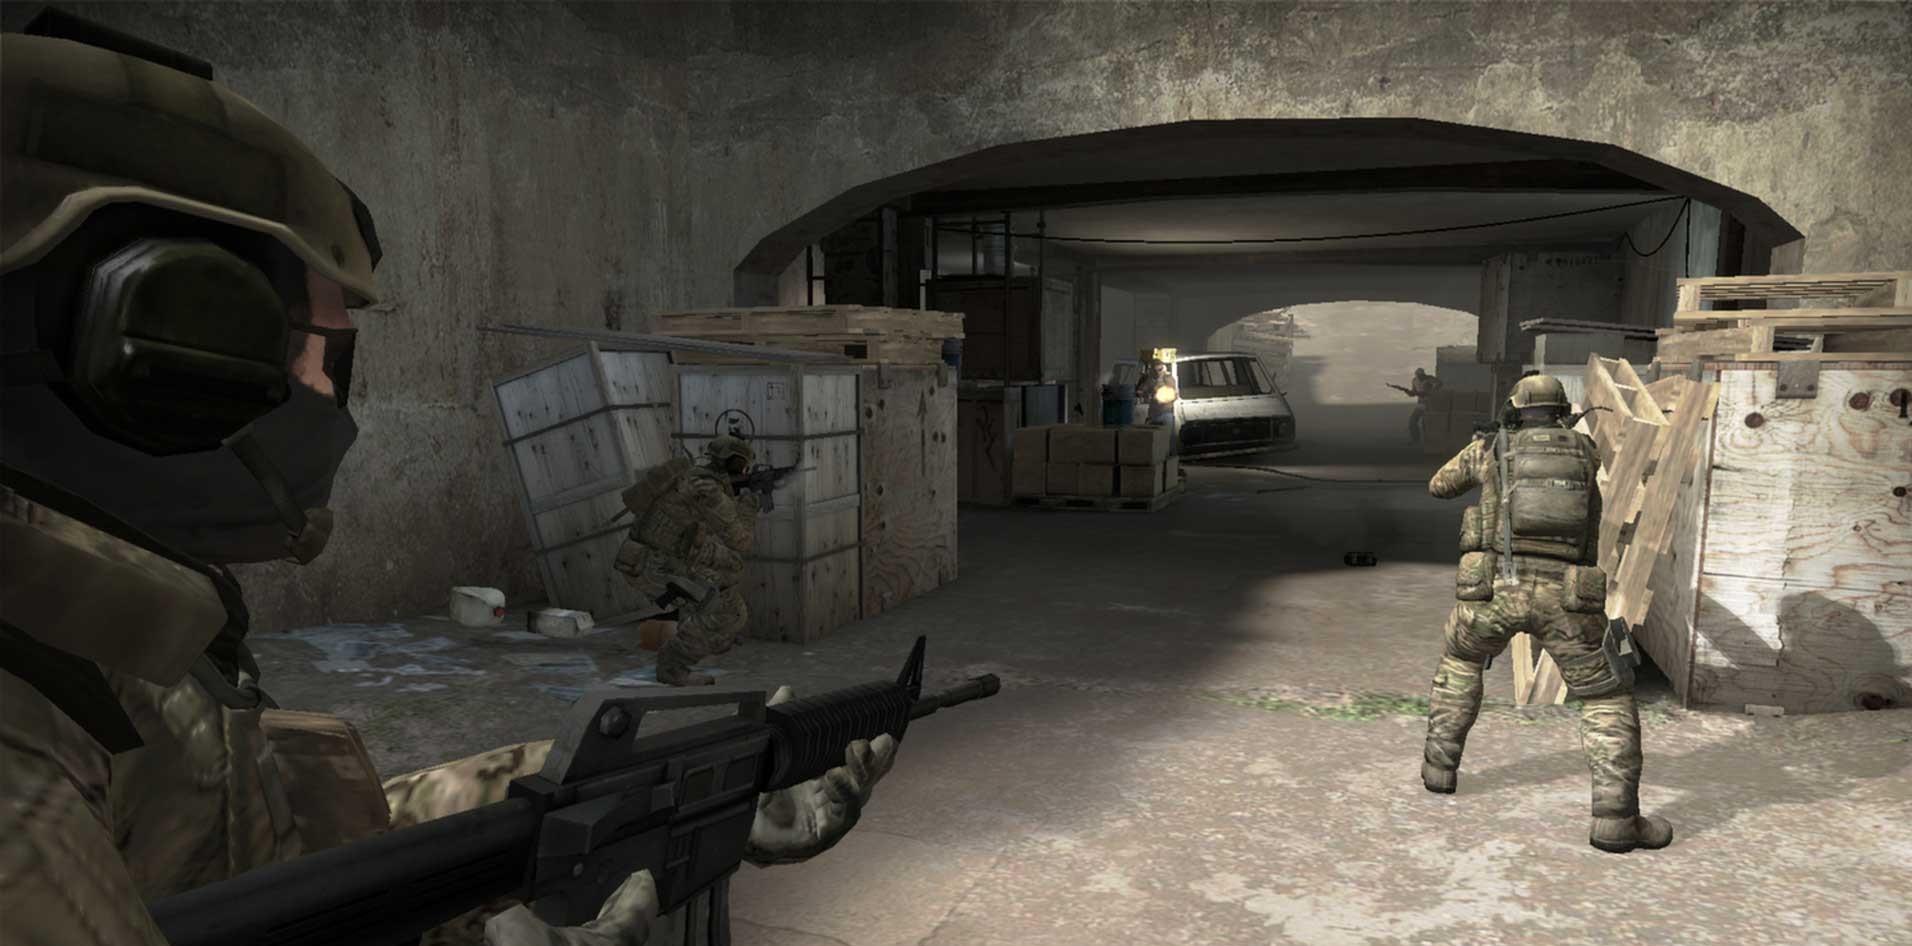 H aу для скриншотов в кс го m4a1 модель оружия для кс 1 6 как в кс го